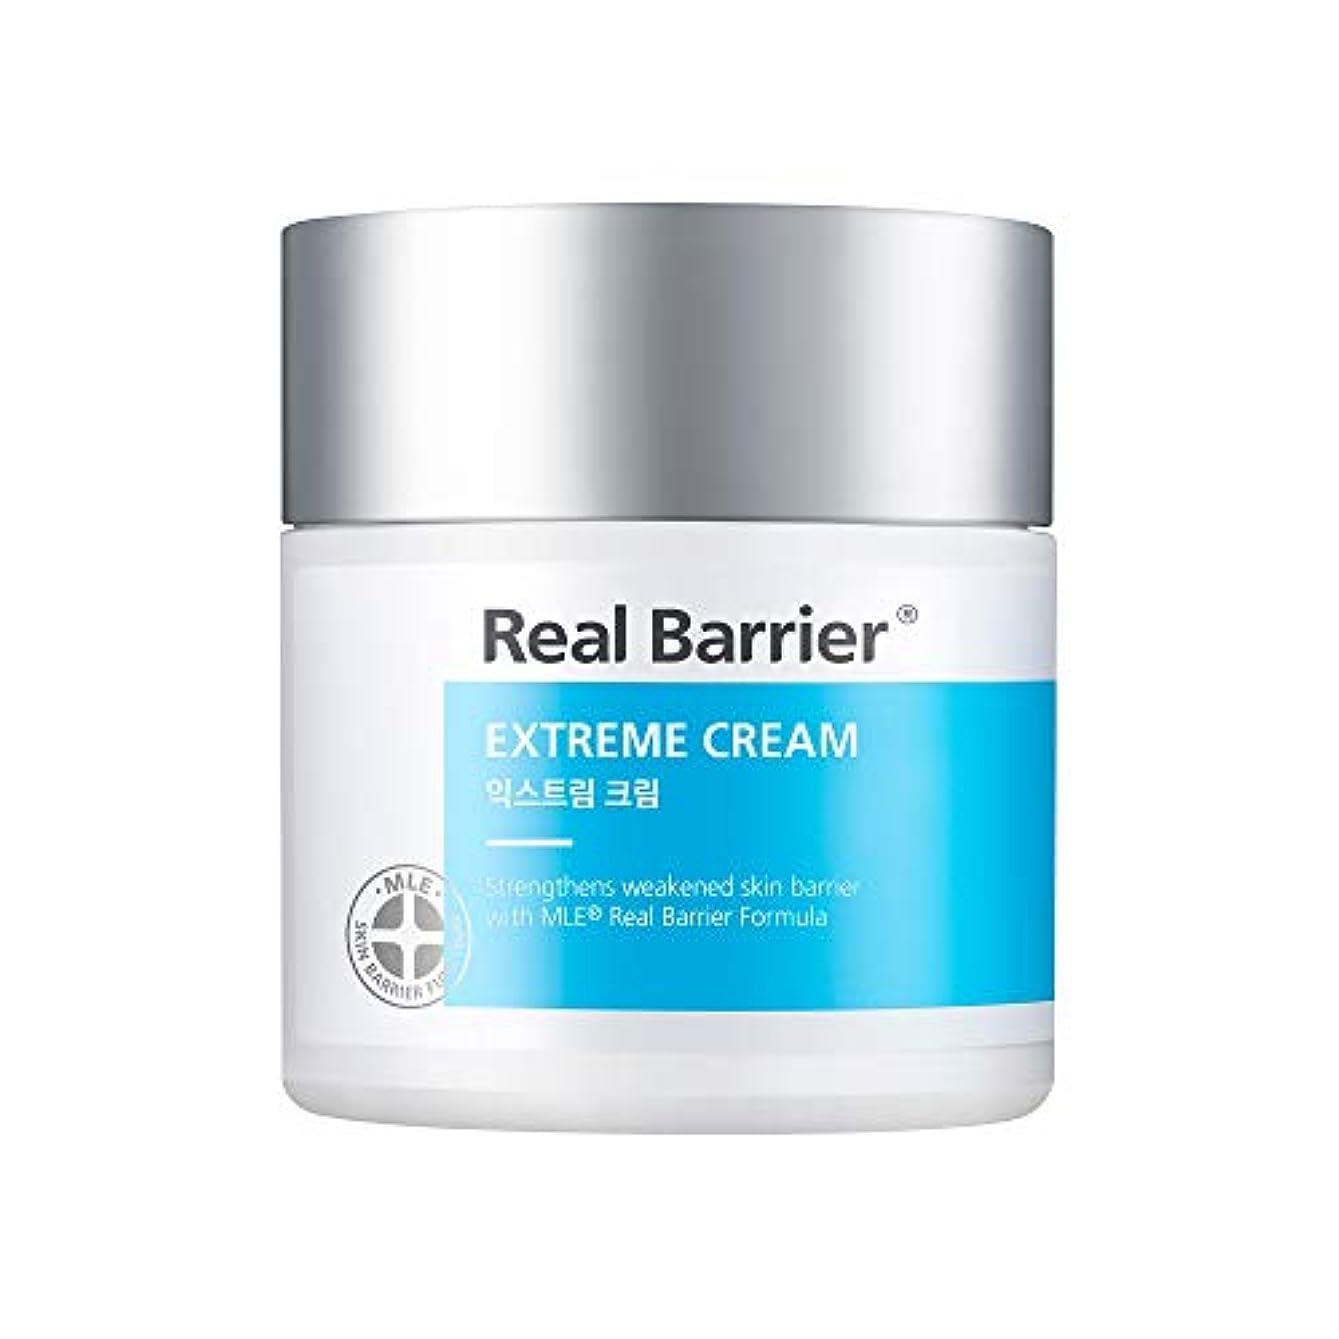 件名承知しました死アトパーム(atopalm) リアルベリアエクストリームクリーム/Atopam Real Barrier Extreme Cream